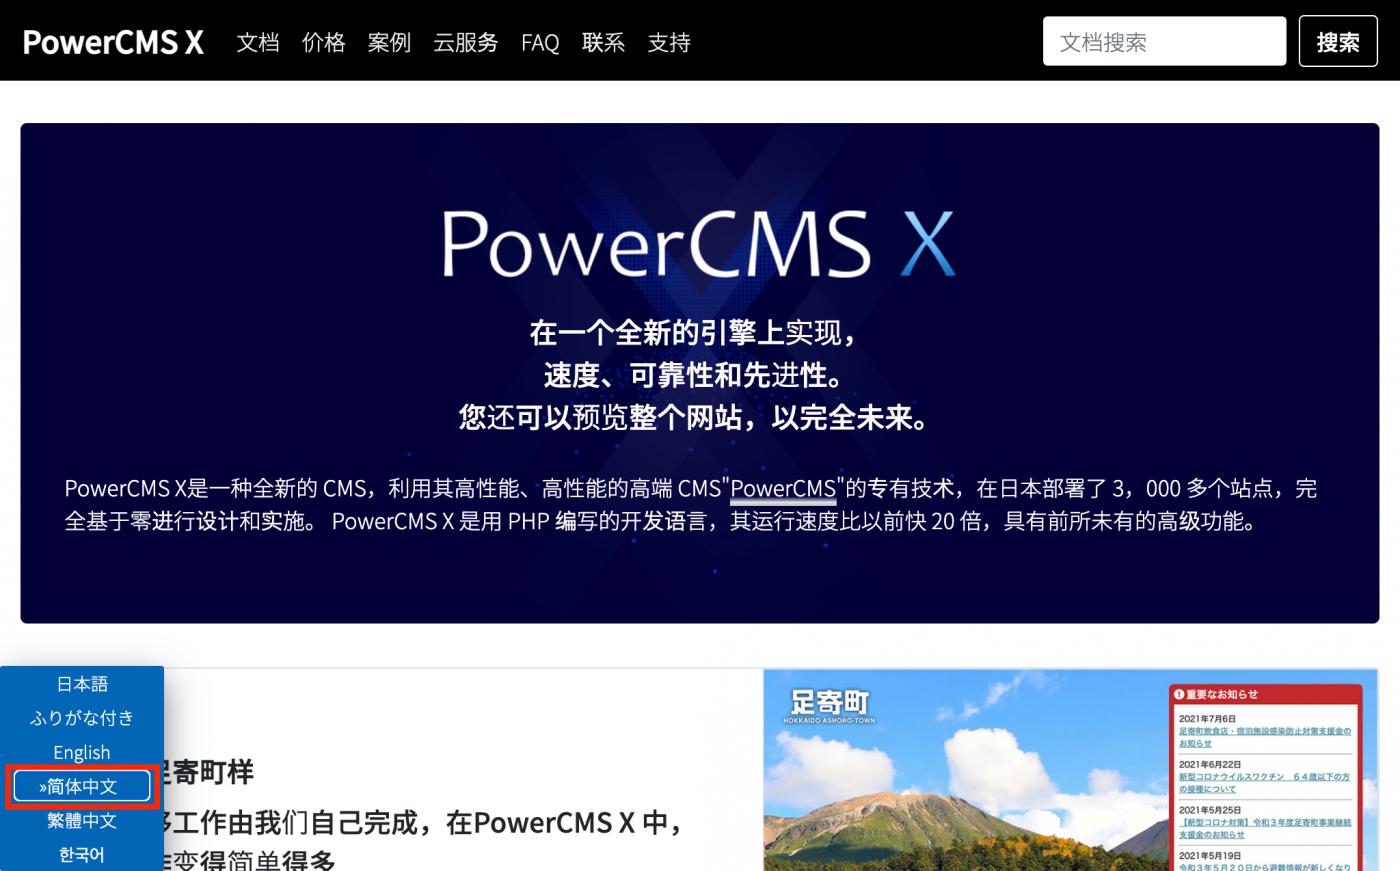 簡体字中国語に自動翻訳されたトップページ